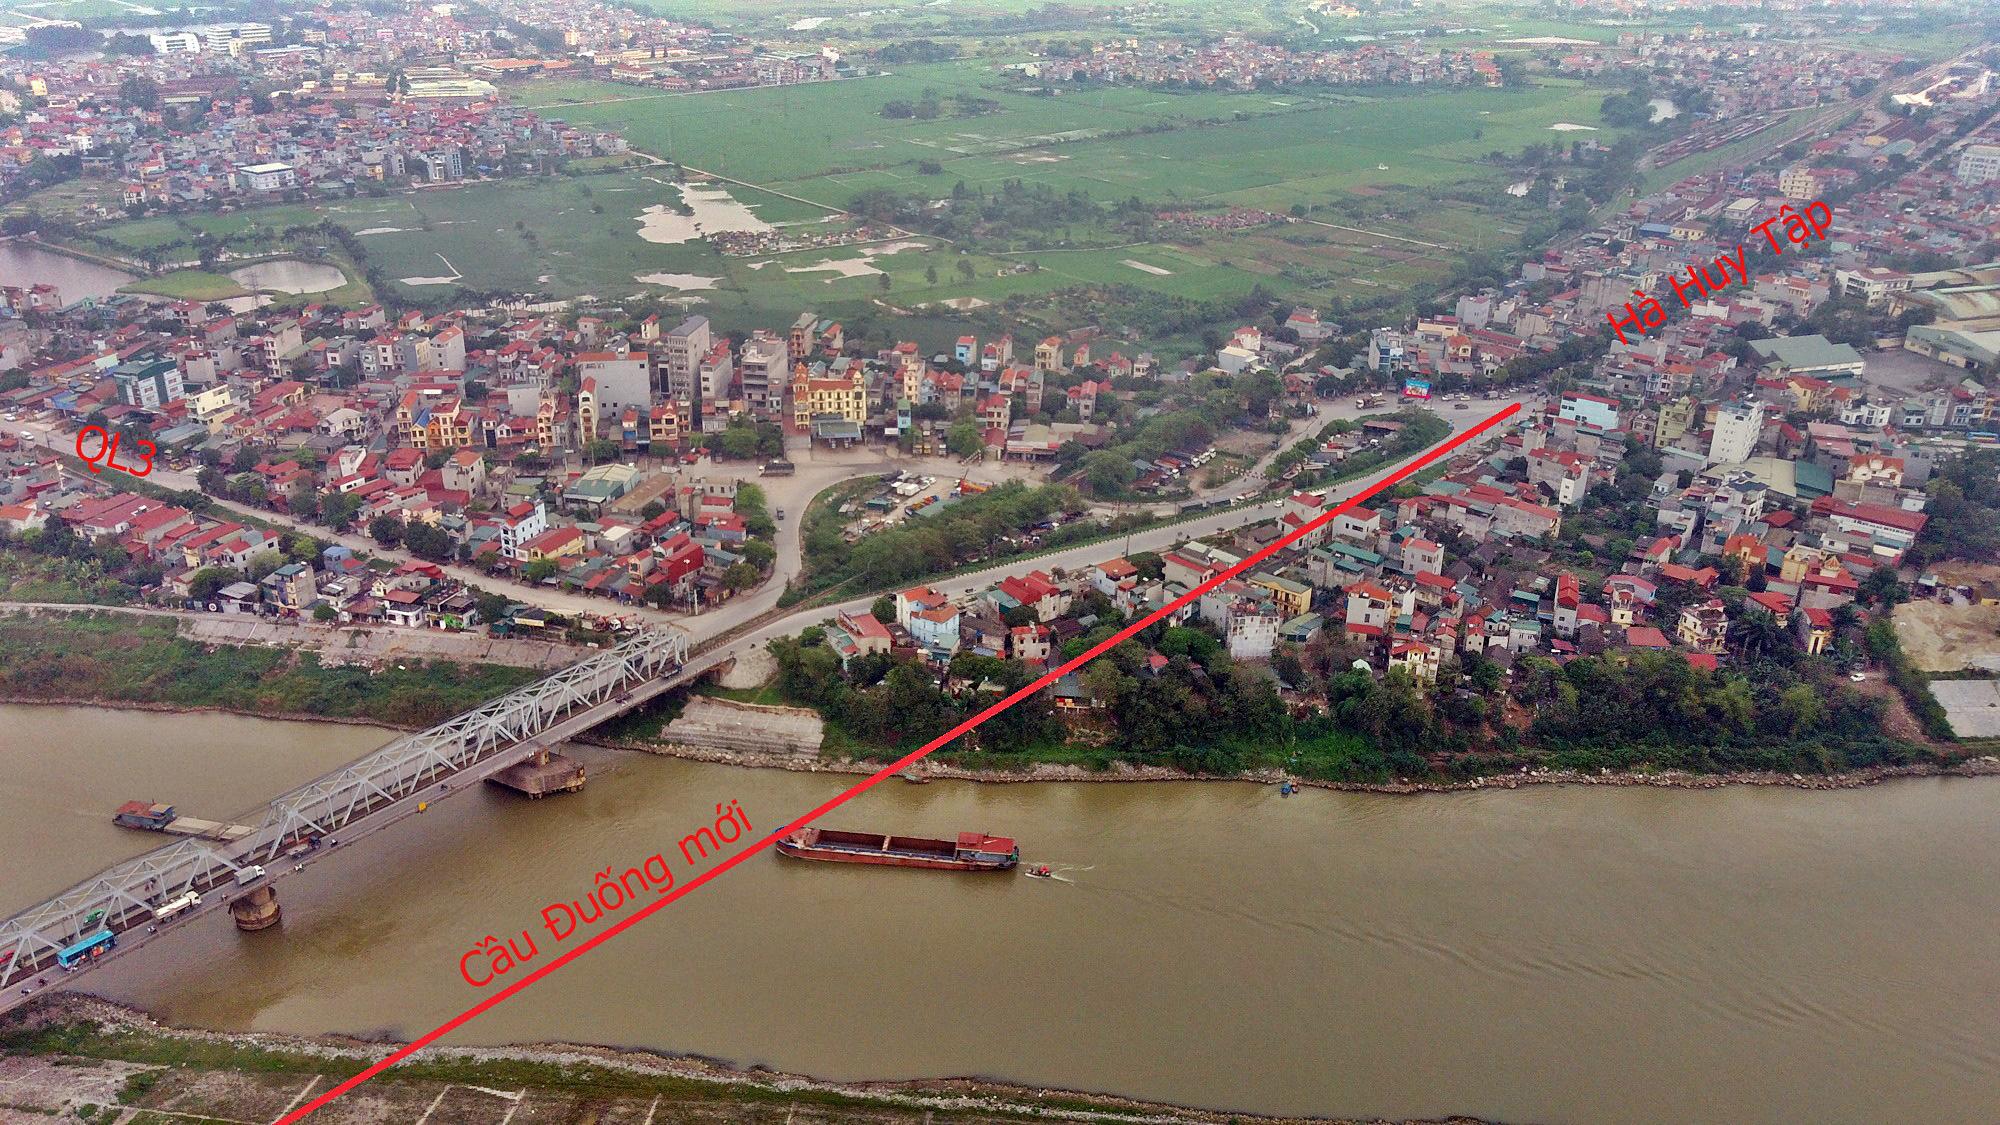 Cầu sẽ mở theo qui hoạch ở Hà Nội: Toàn cảnh vị trí làm cầu Đuống mới - Ảnh 6.